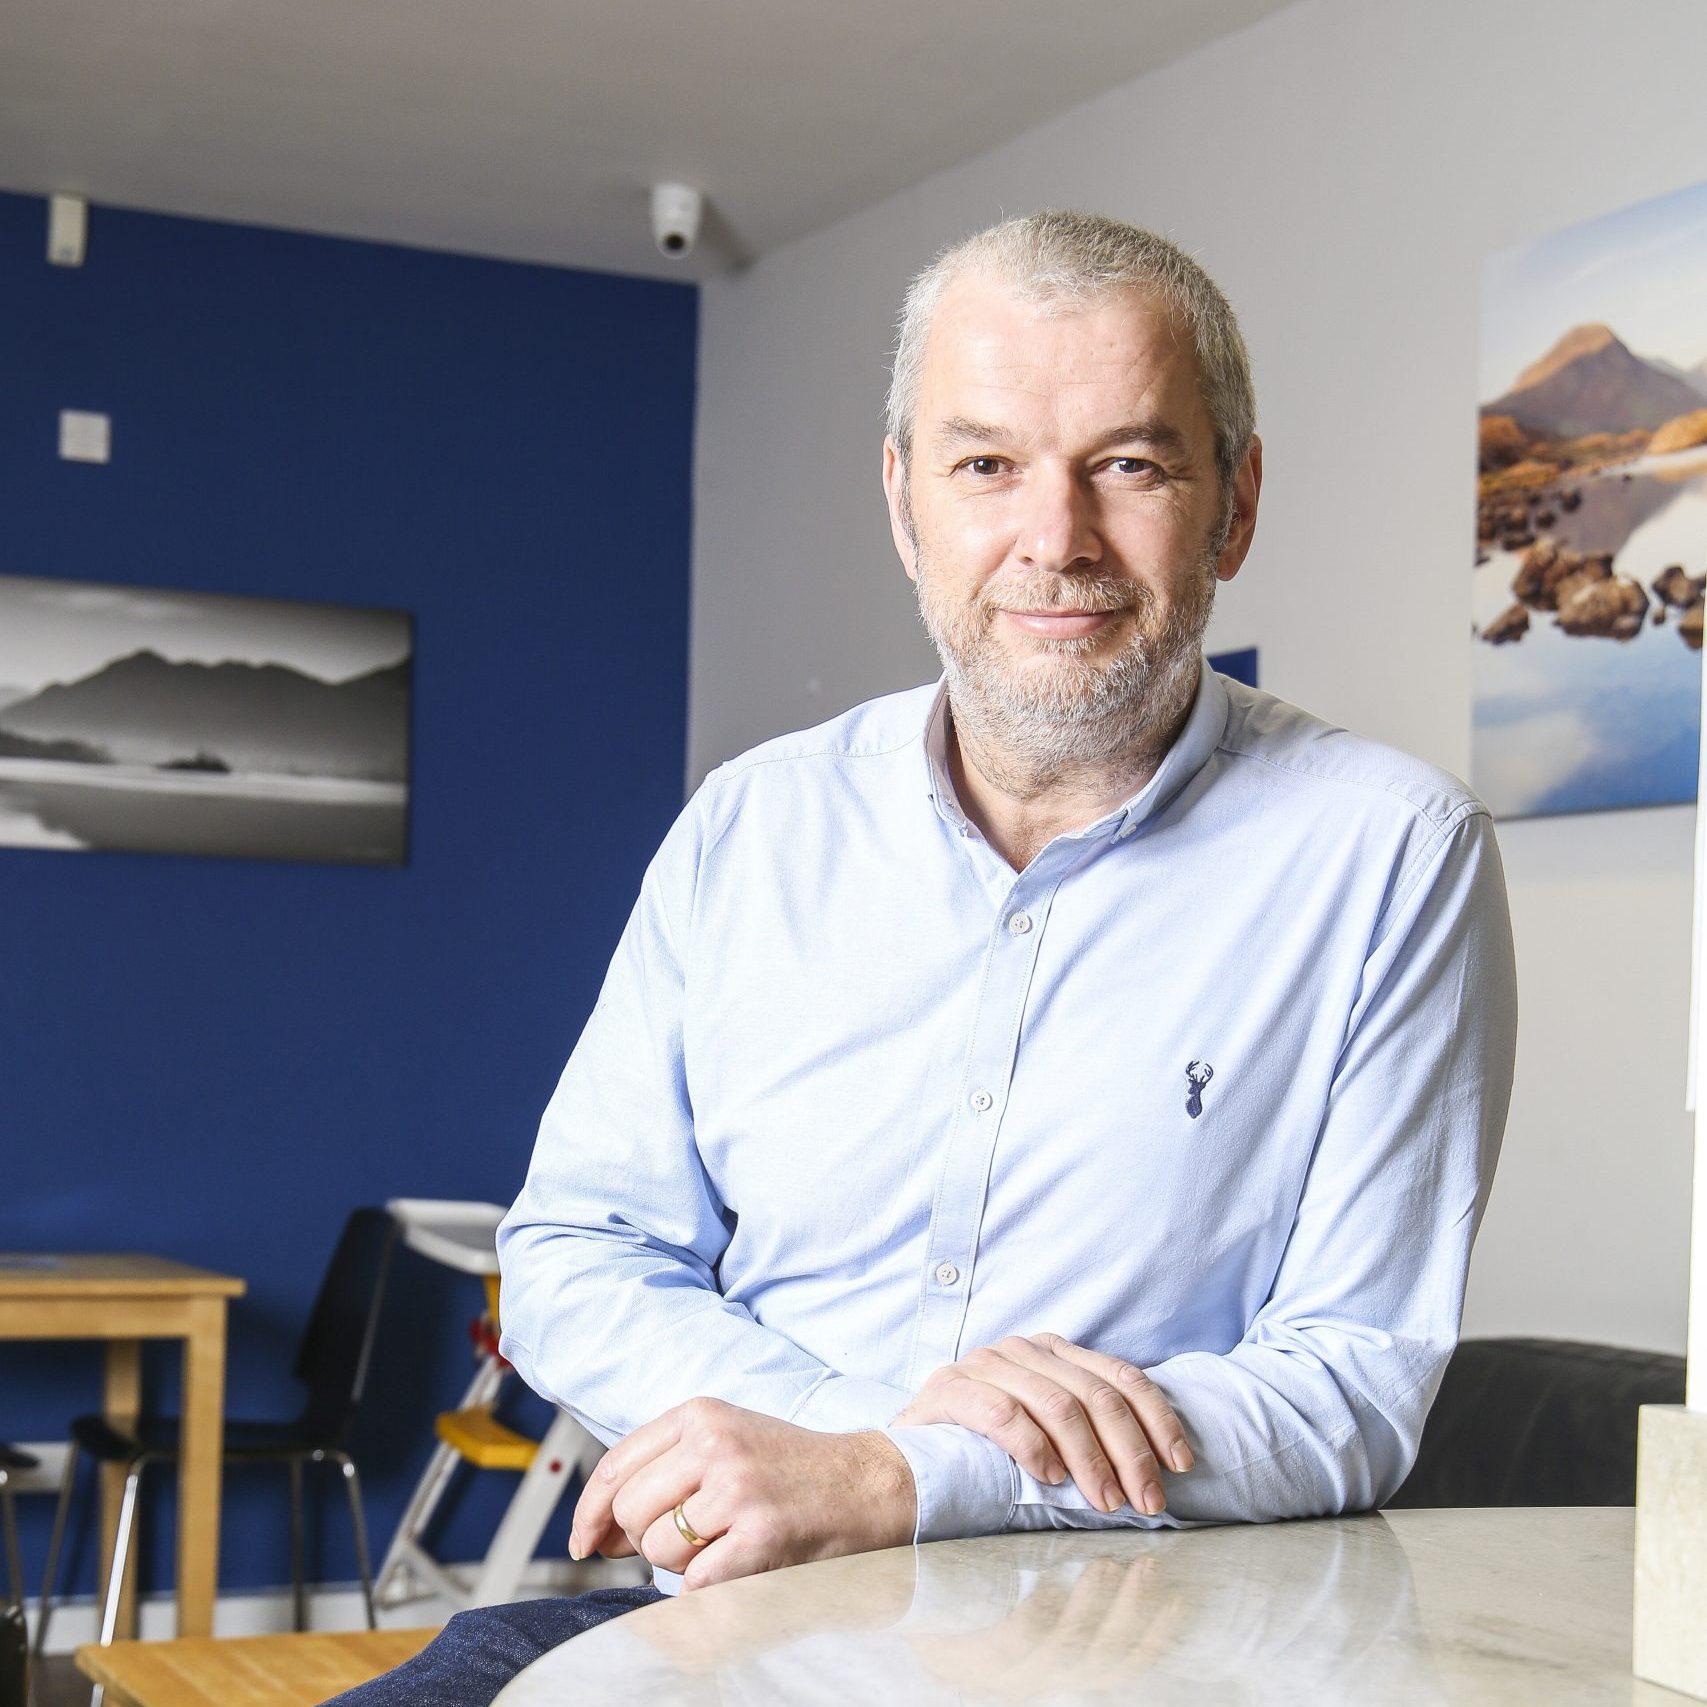 James Cox, CEO